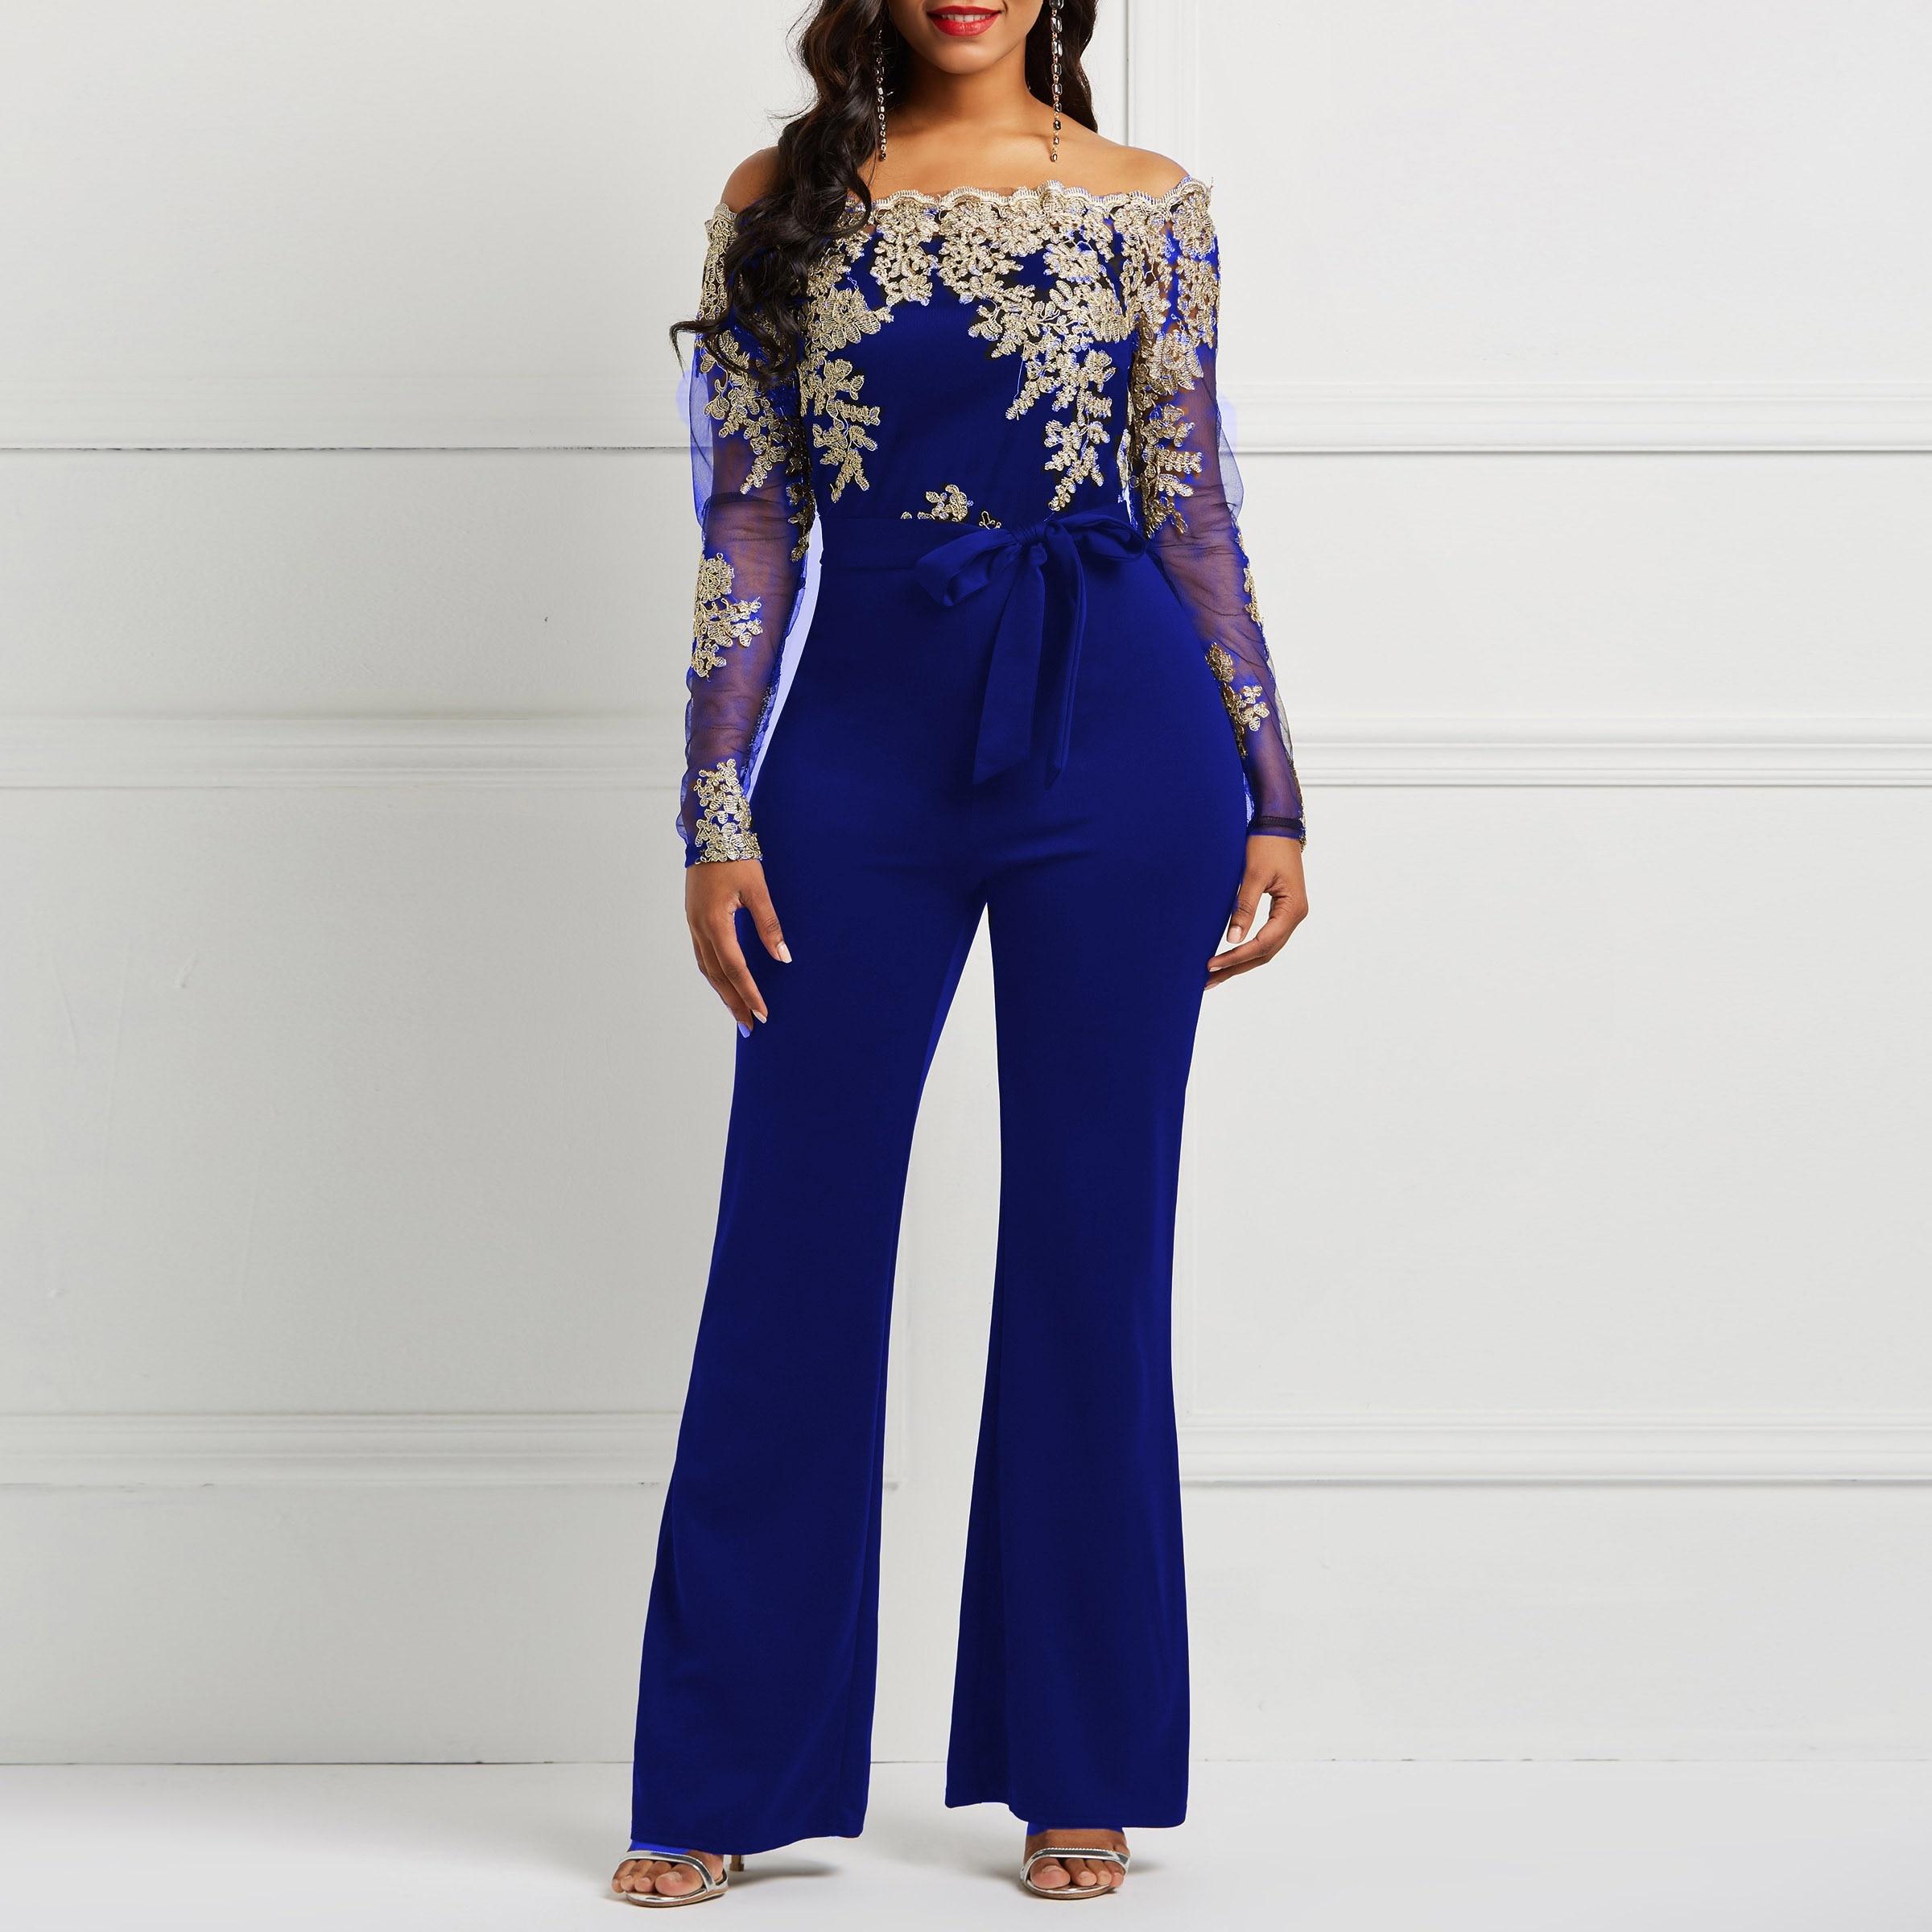 d531c878396 Off Shoulder Sexy Jumpsuit Women Wide Leg Pants Autumn Floral Lace Mesh  Sleeve Belt Skinny Elegant